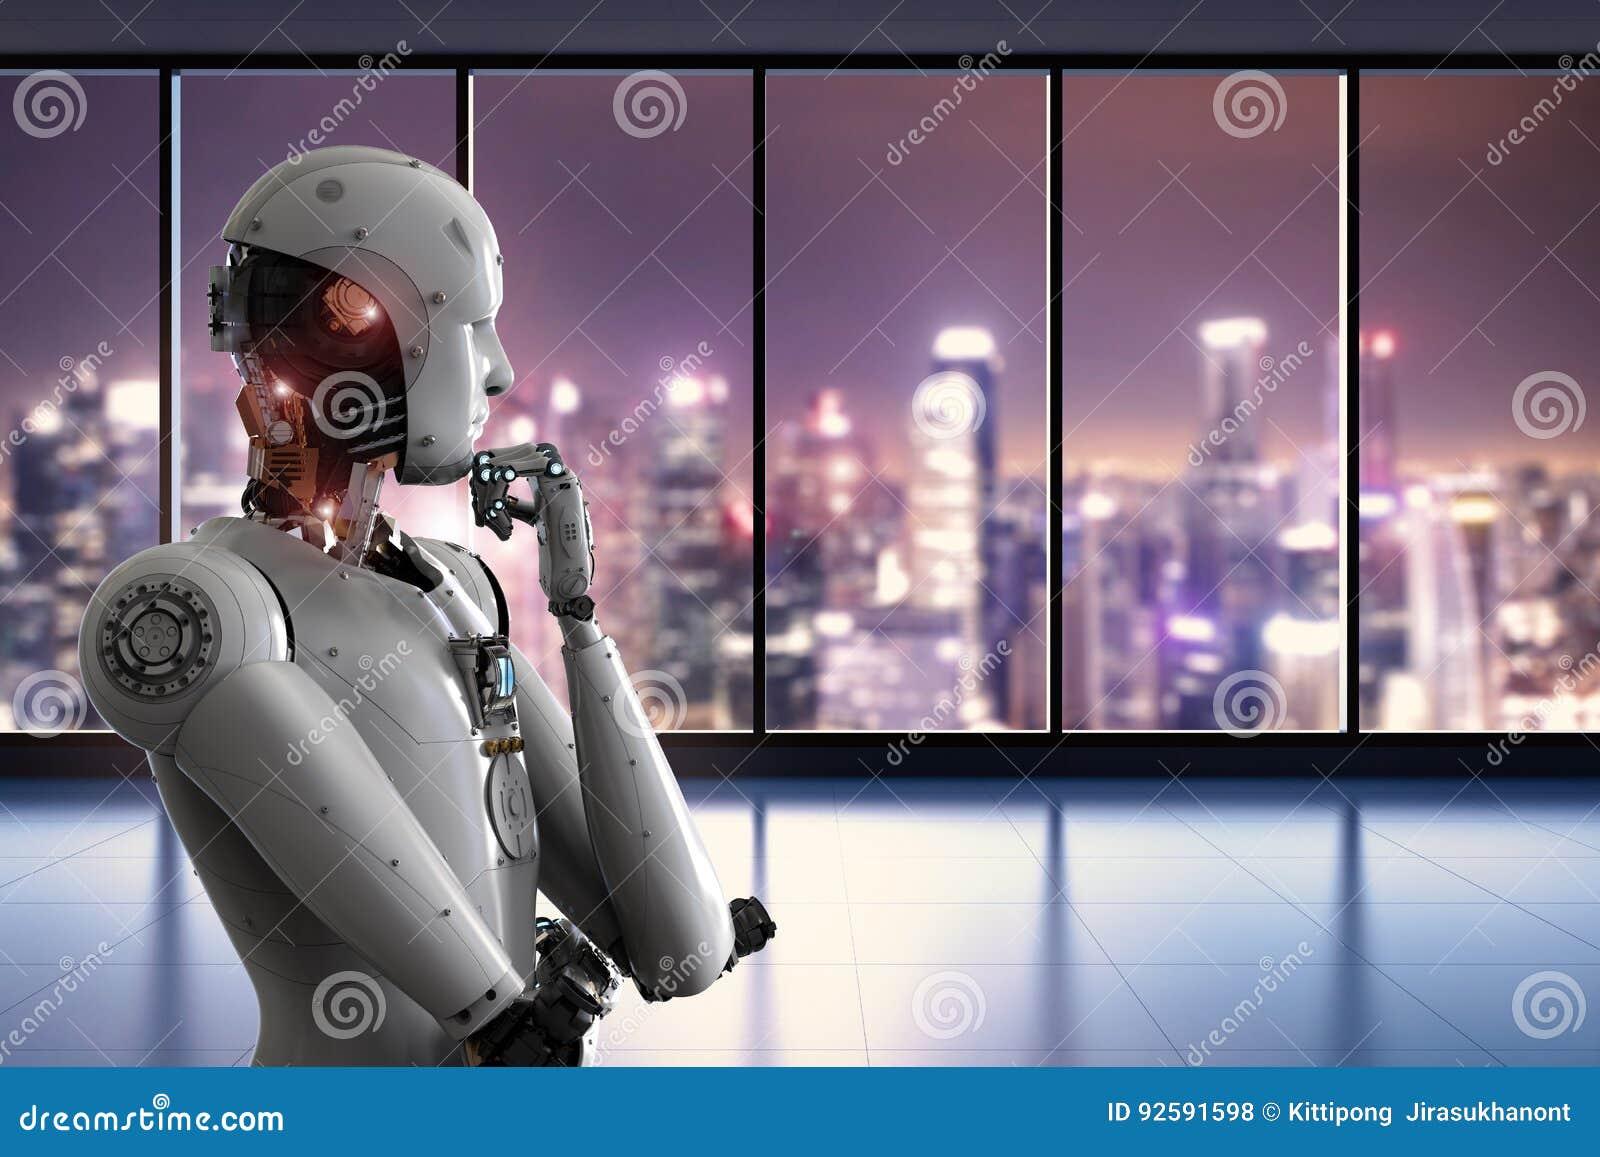 Robot Di Android Che Pensa Nell 39 Ufficio Illustrazione Di